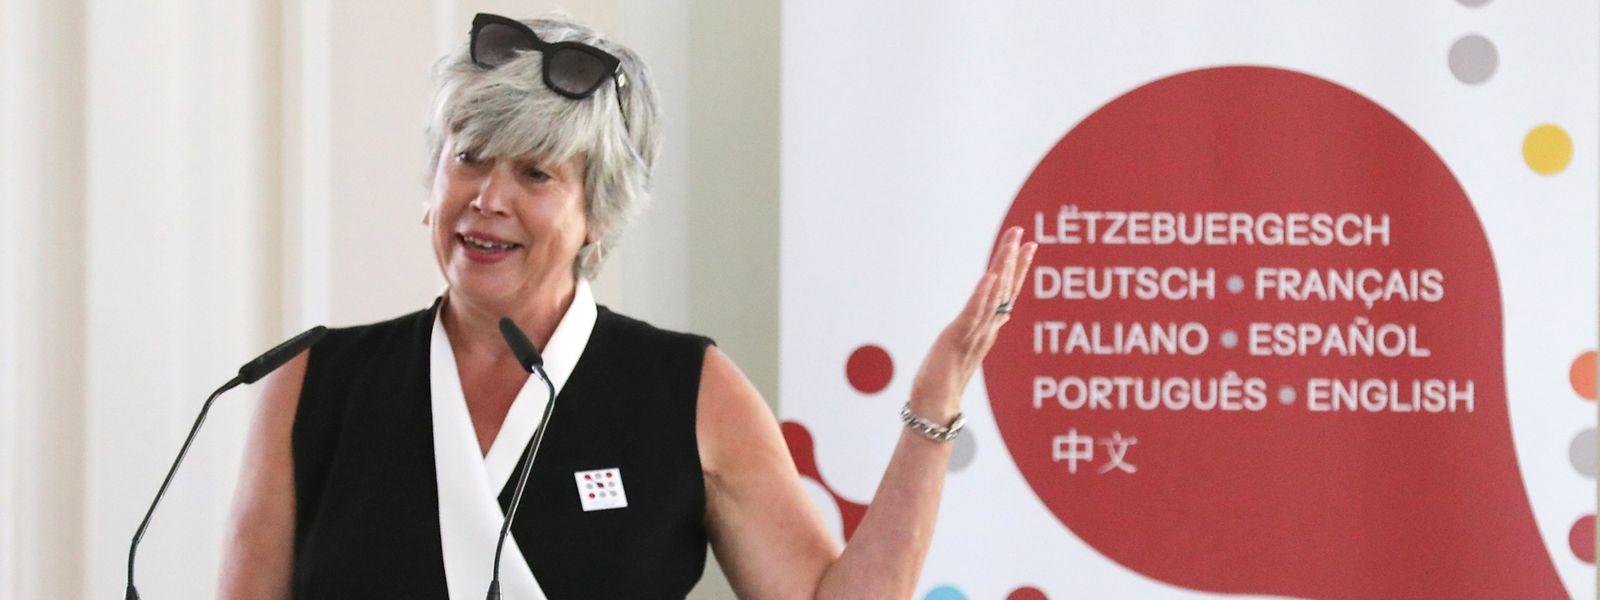 Selon Karin Pundel, directrice de l'INL, l'institut a «un nombre suffisant de professeurs, mais si le nombre d'élèves continue d'augmenter de la sorte, la situation pourrait devenir compliquée»